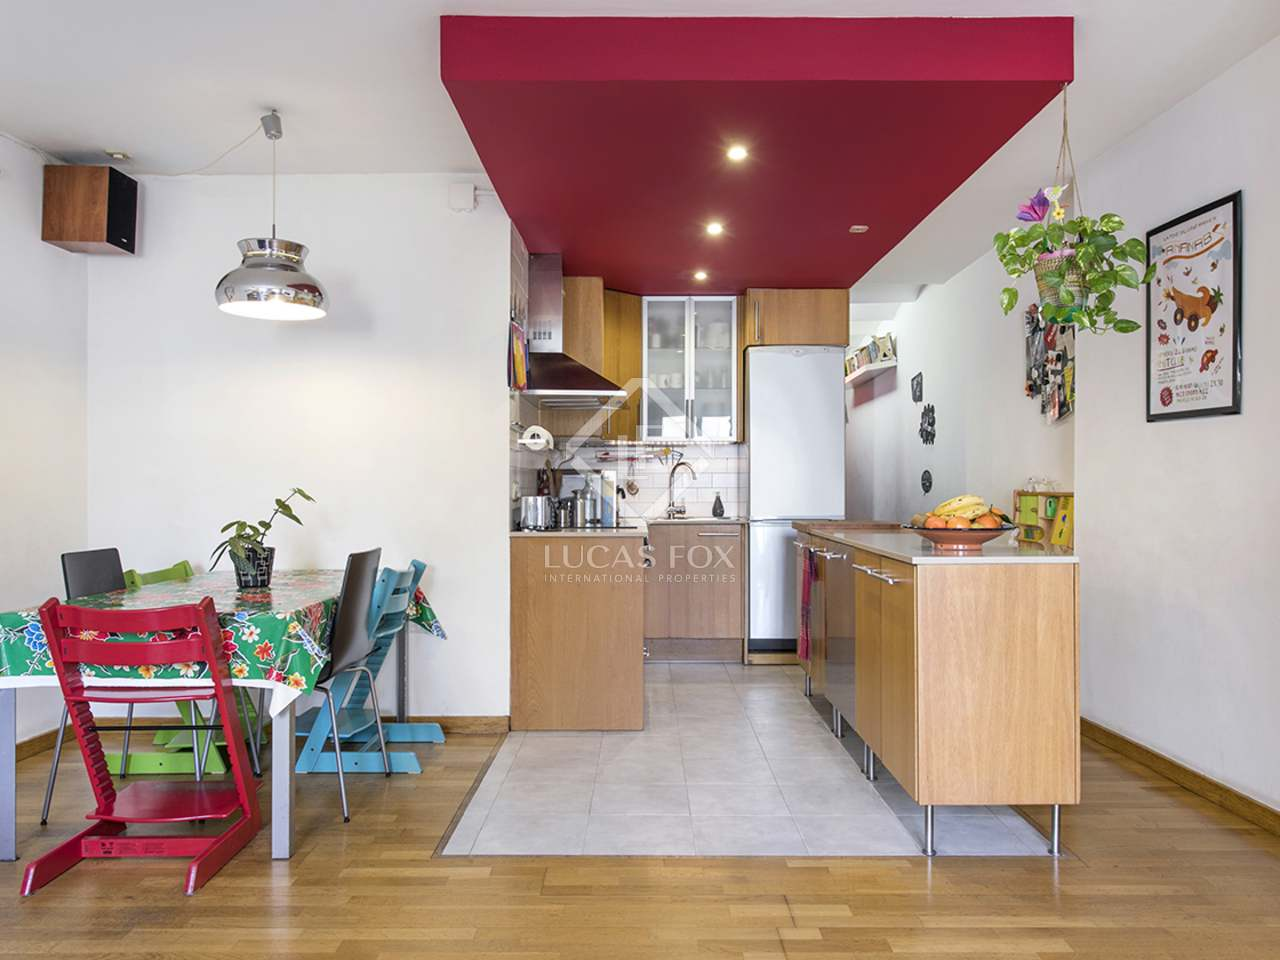 Appartement de 70m a vendre el born barcelone - Acheter appartement a barcelone ...